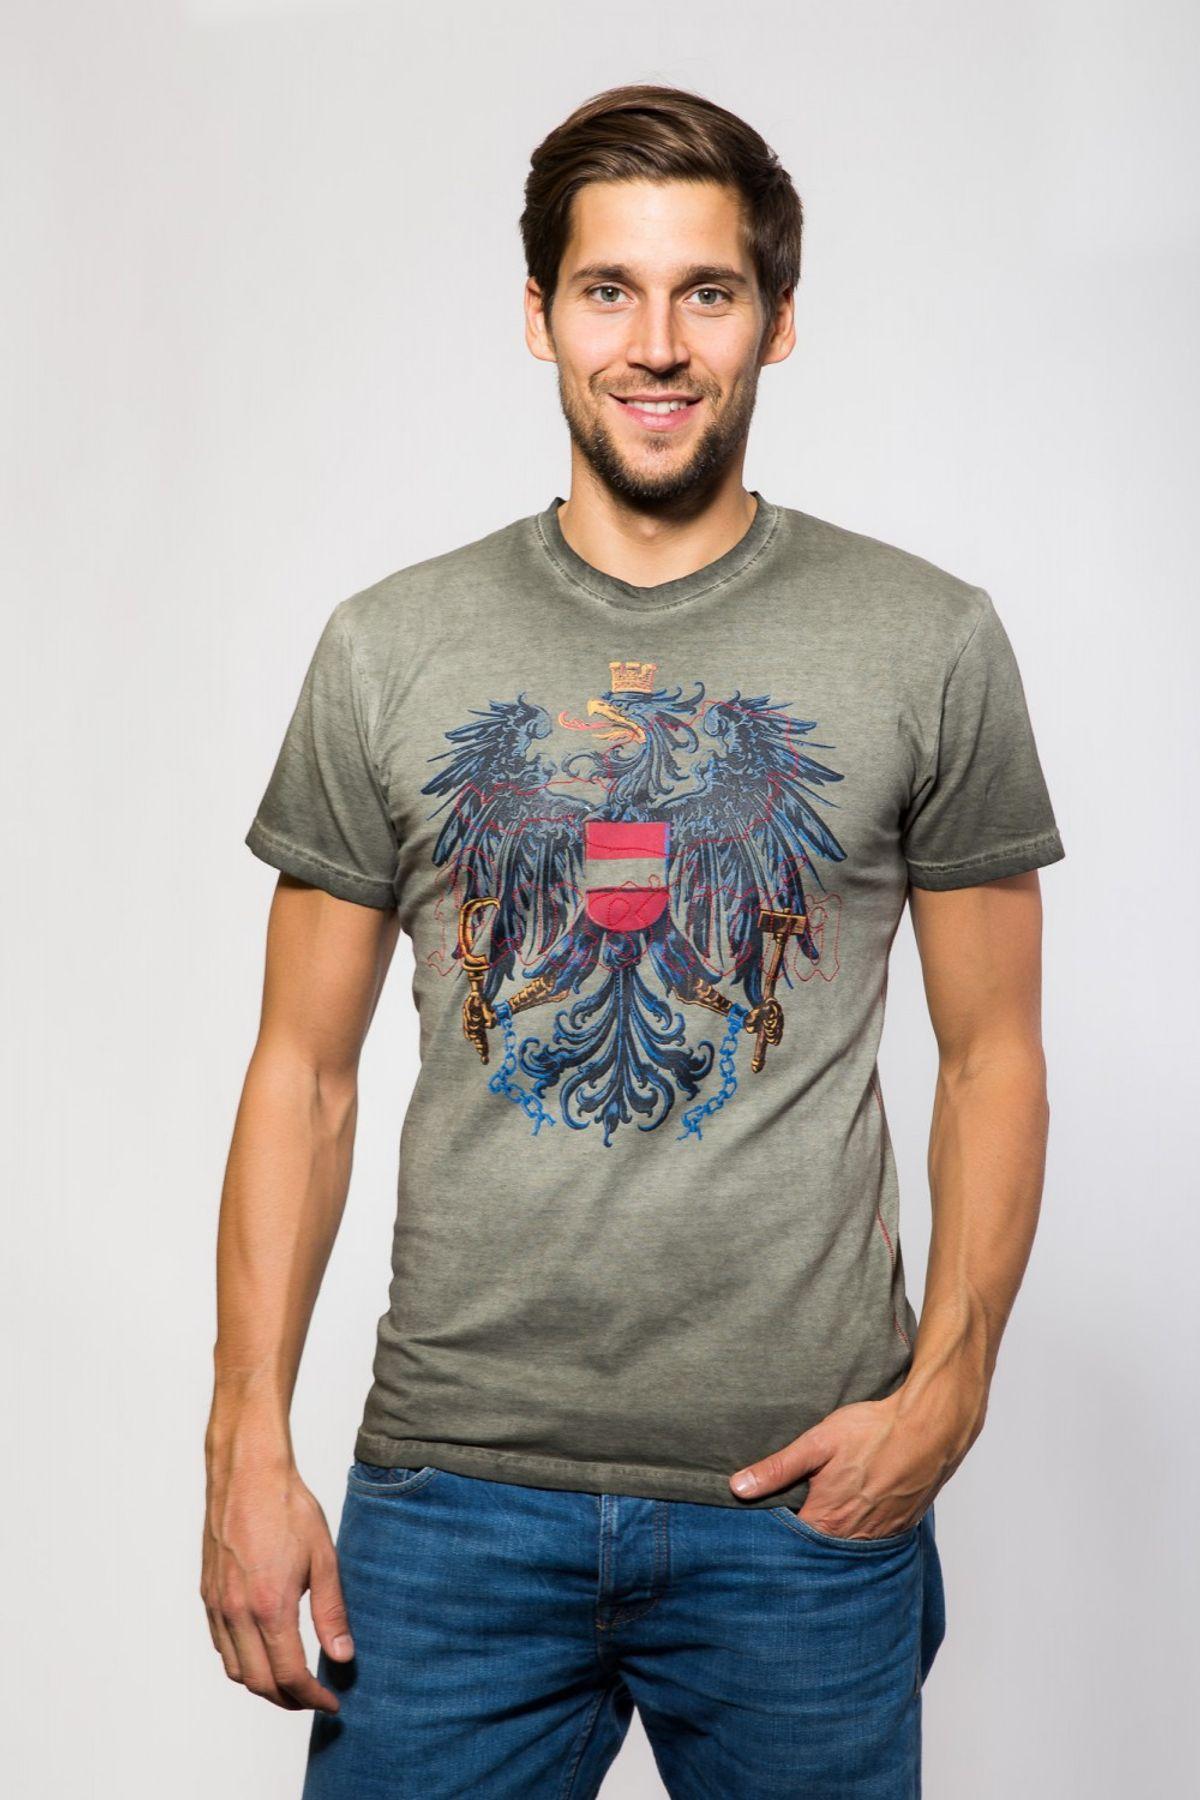 Krüger - Herren Trachten T-Shirt, Österreich  (Artikelnummer: 92213-7) – Bild 2